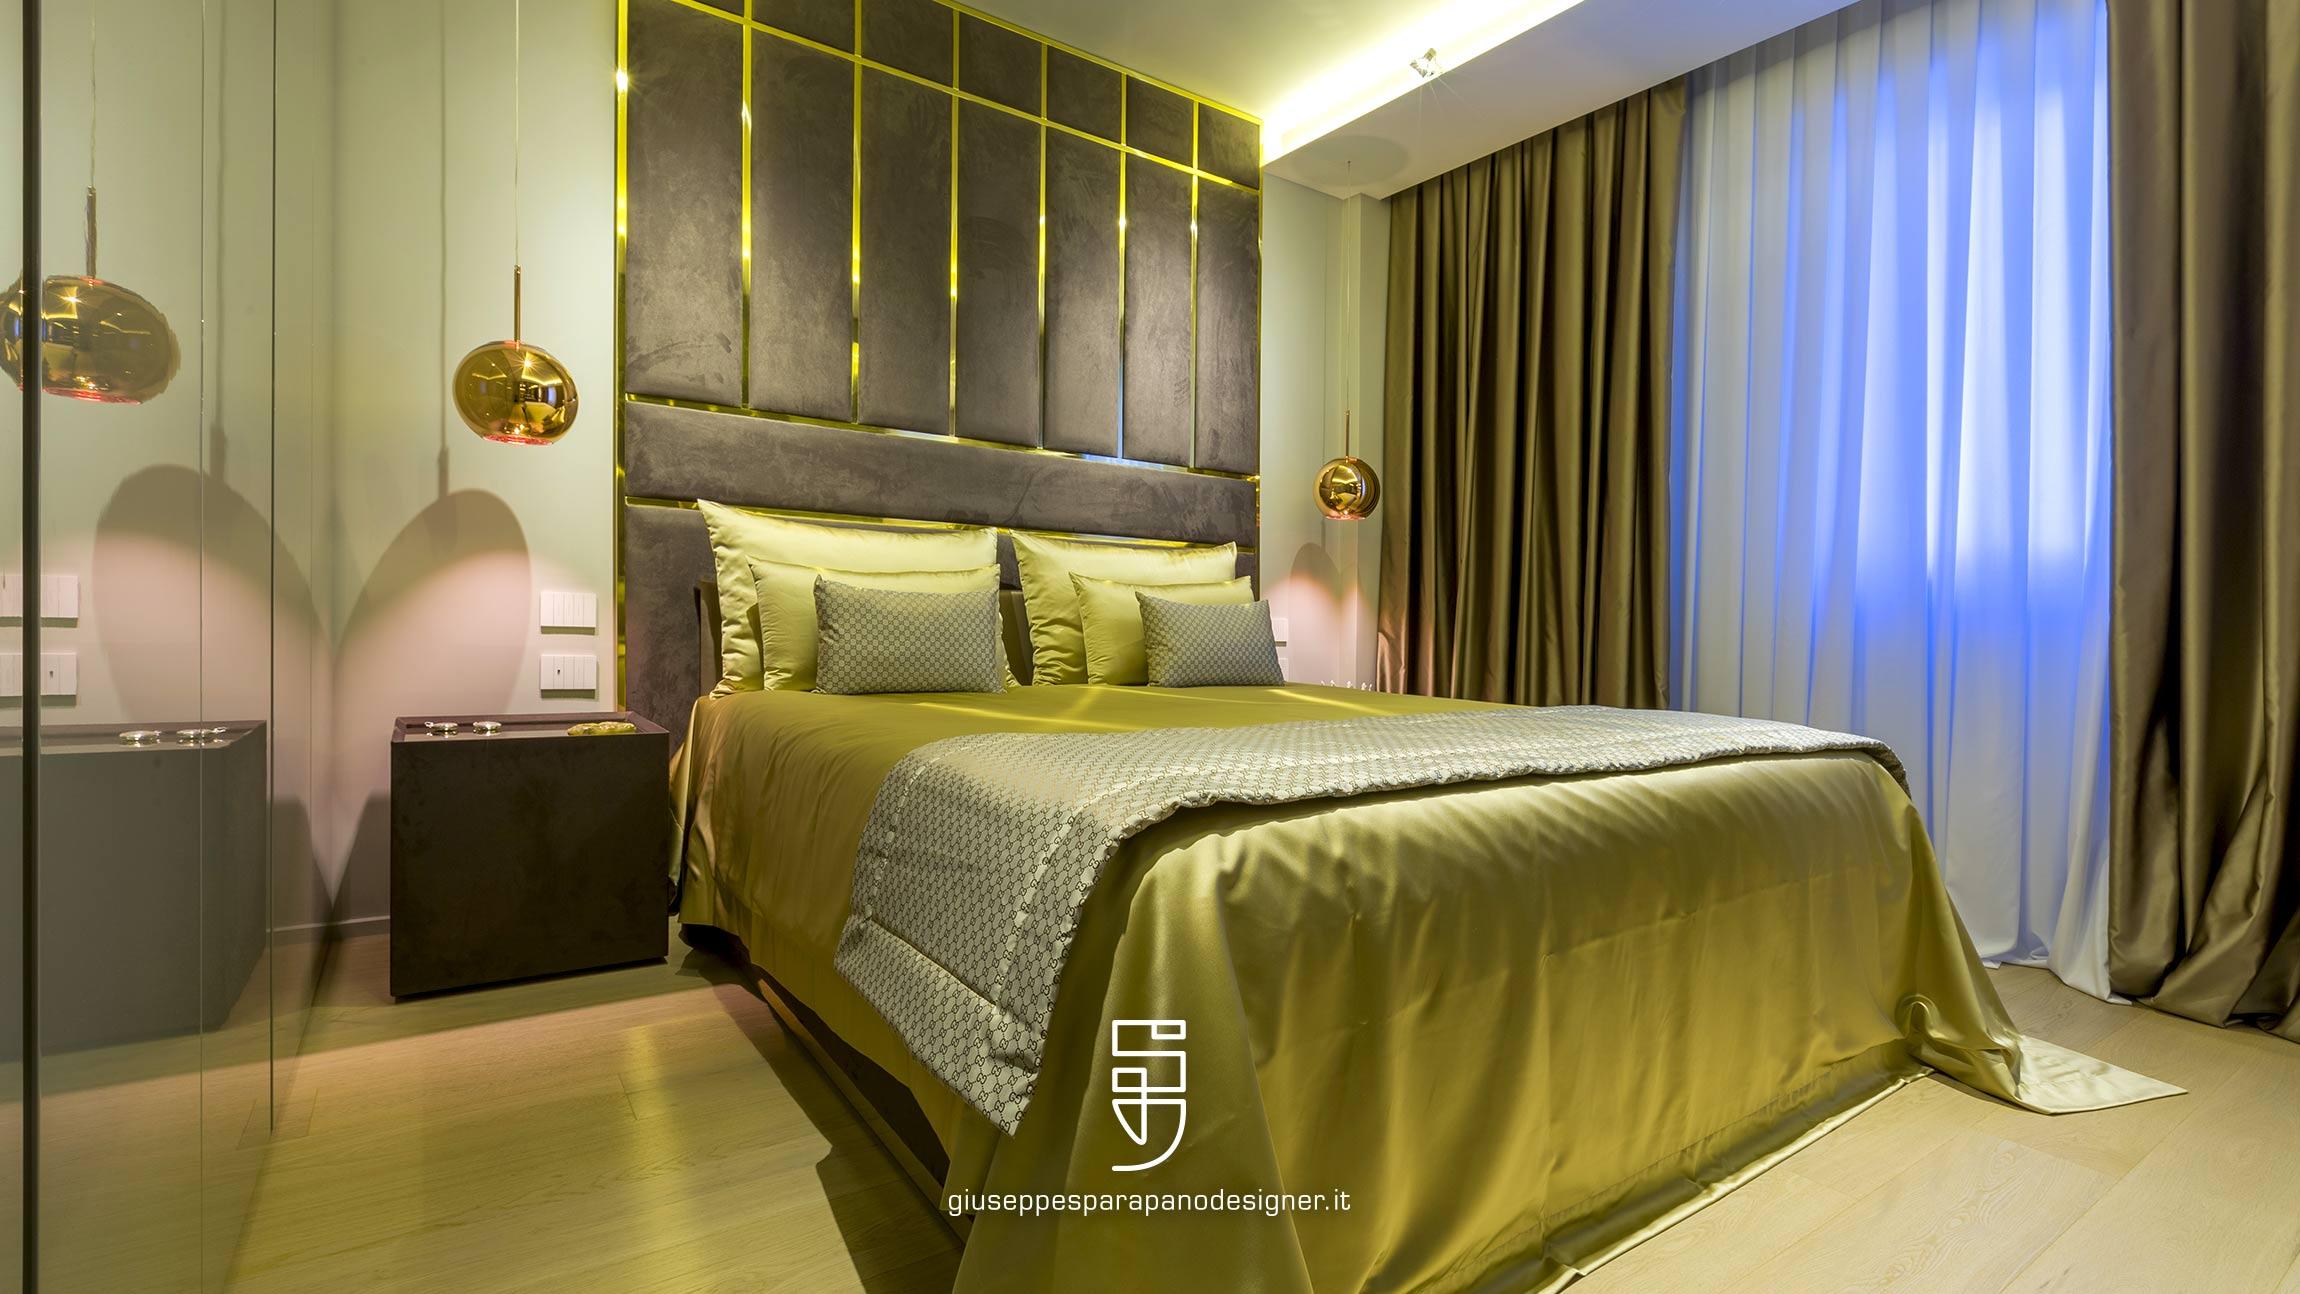 camera da letto con testata decorata rivestita in nabuk con specchi